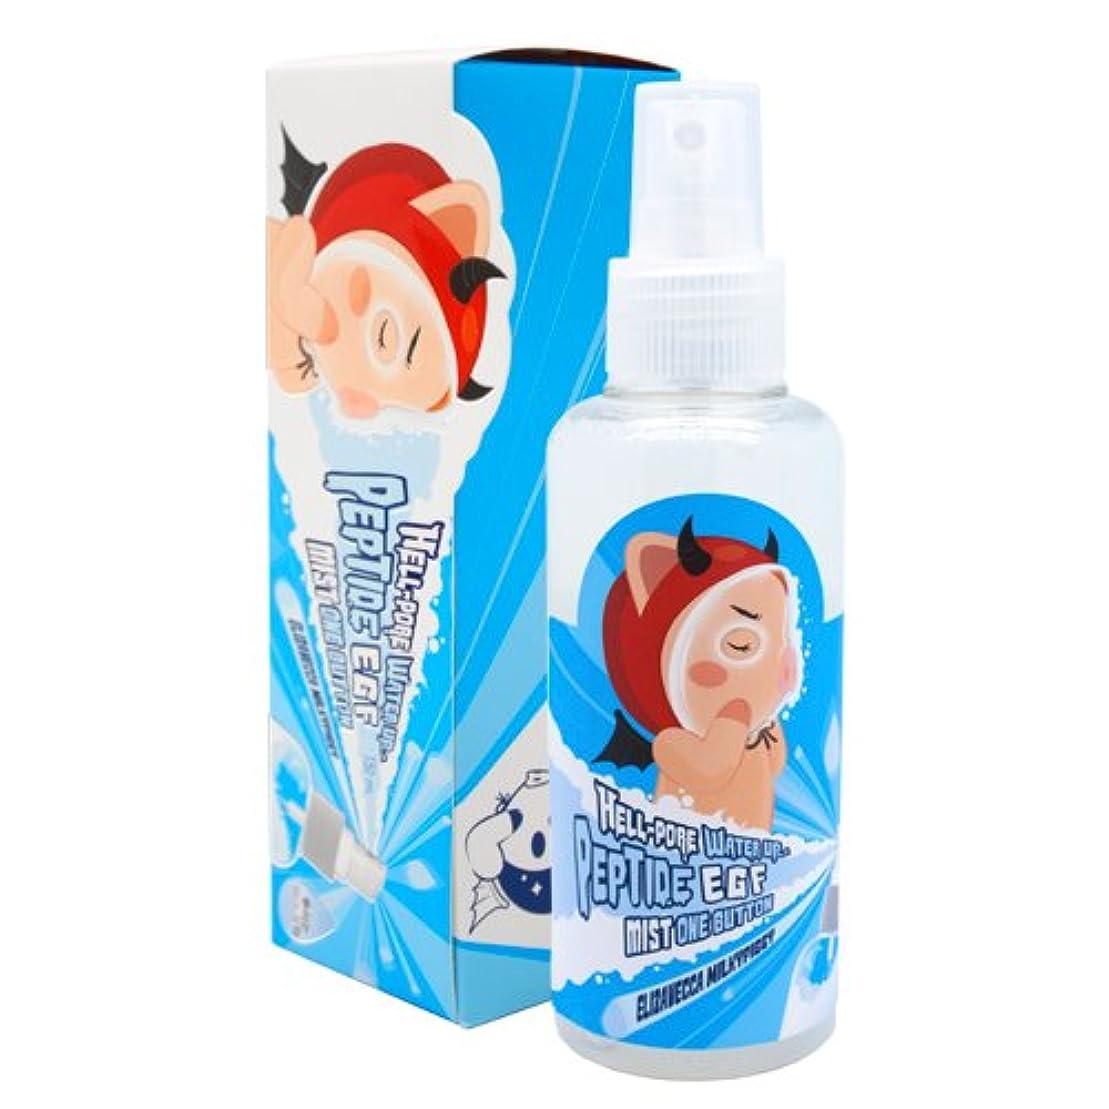 歯痛文庫本どのくらいの頻度で[New] Elizavecca Hell Pore Water Up Peptide EGF Mist One Button 150ml/エリザヴェッカ ヘル ポア ウォーター アップ ペプチド EGF ミスト ワン ボタン 150ml [並行輸入品]